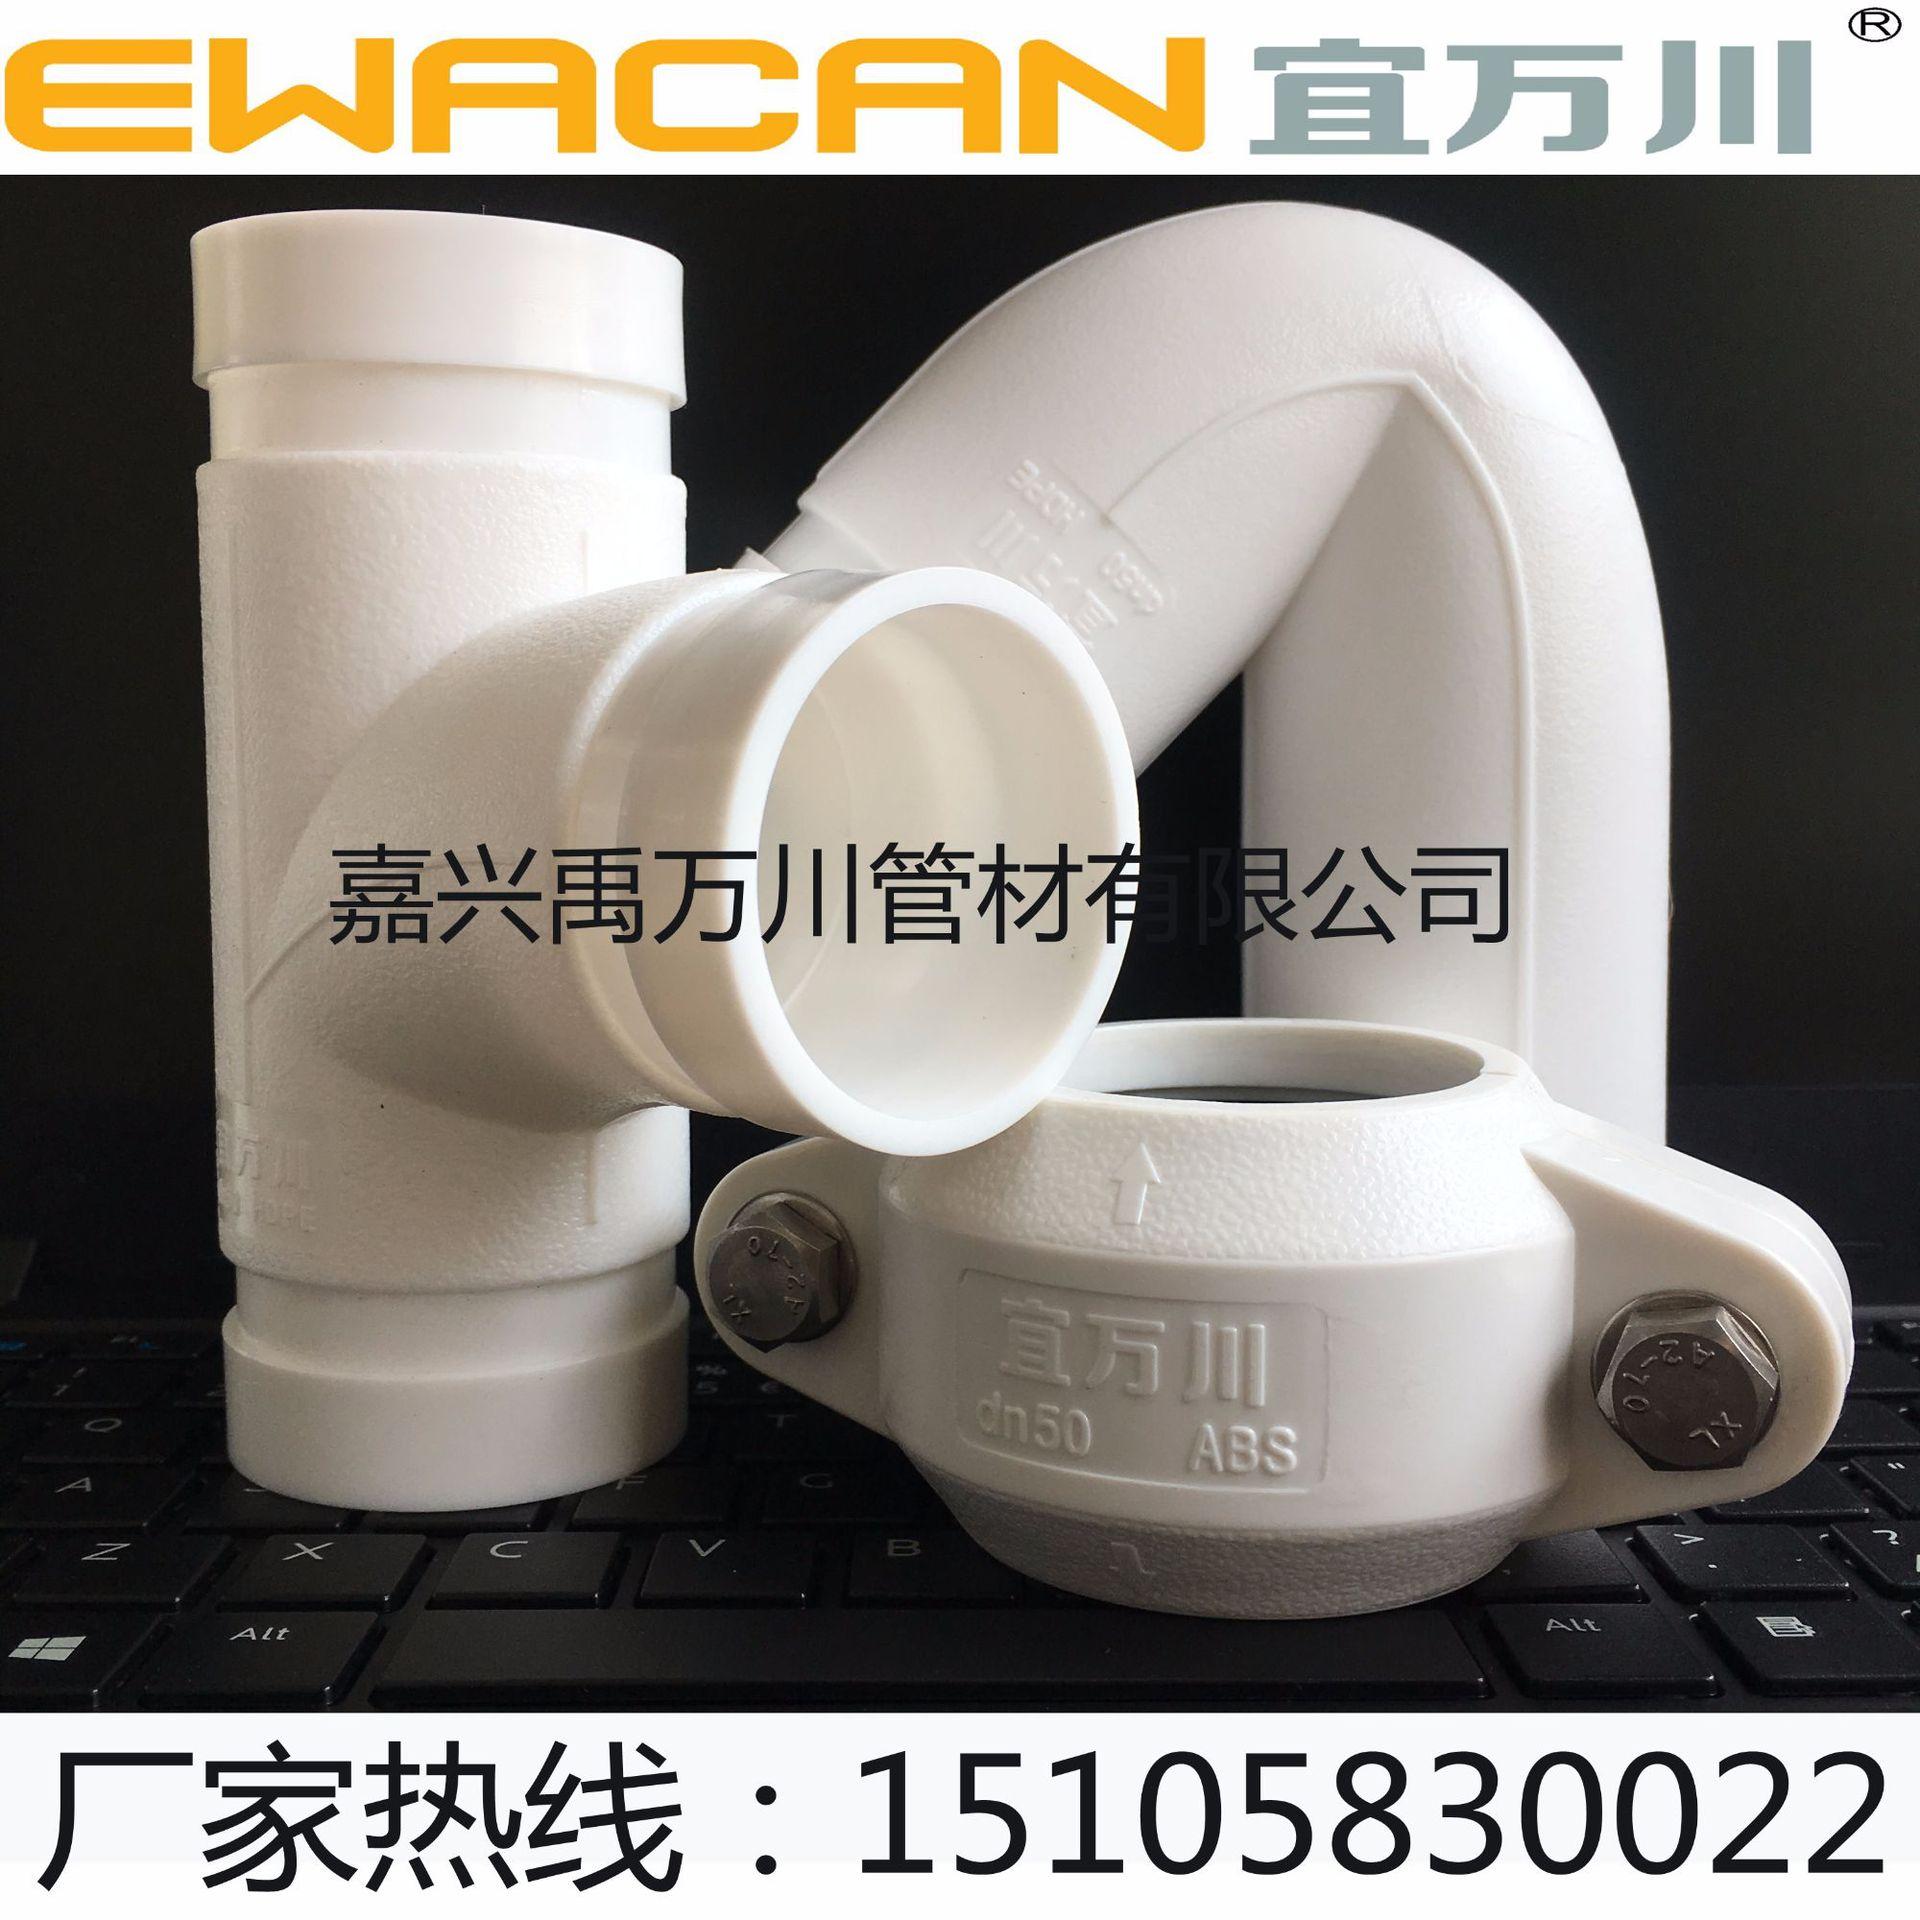 HDPE沟槽式超静音排水管,沟槽式HDPE静音排水管,沟槽柔性连接示例图5